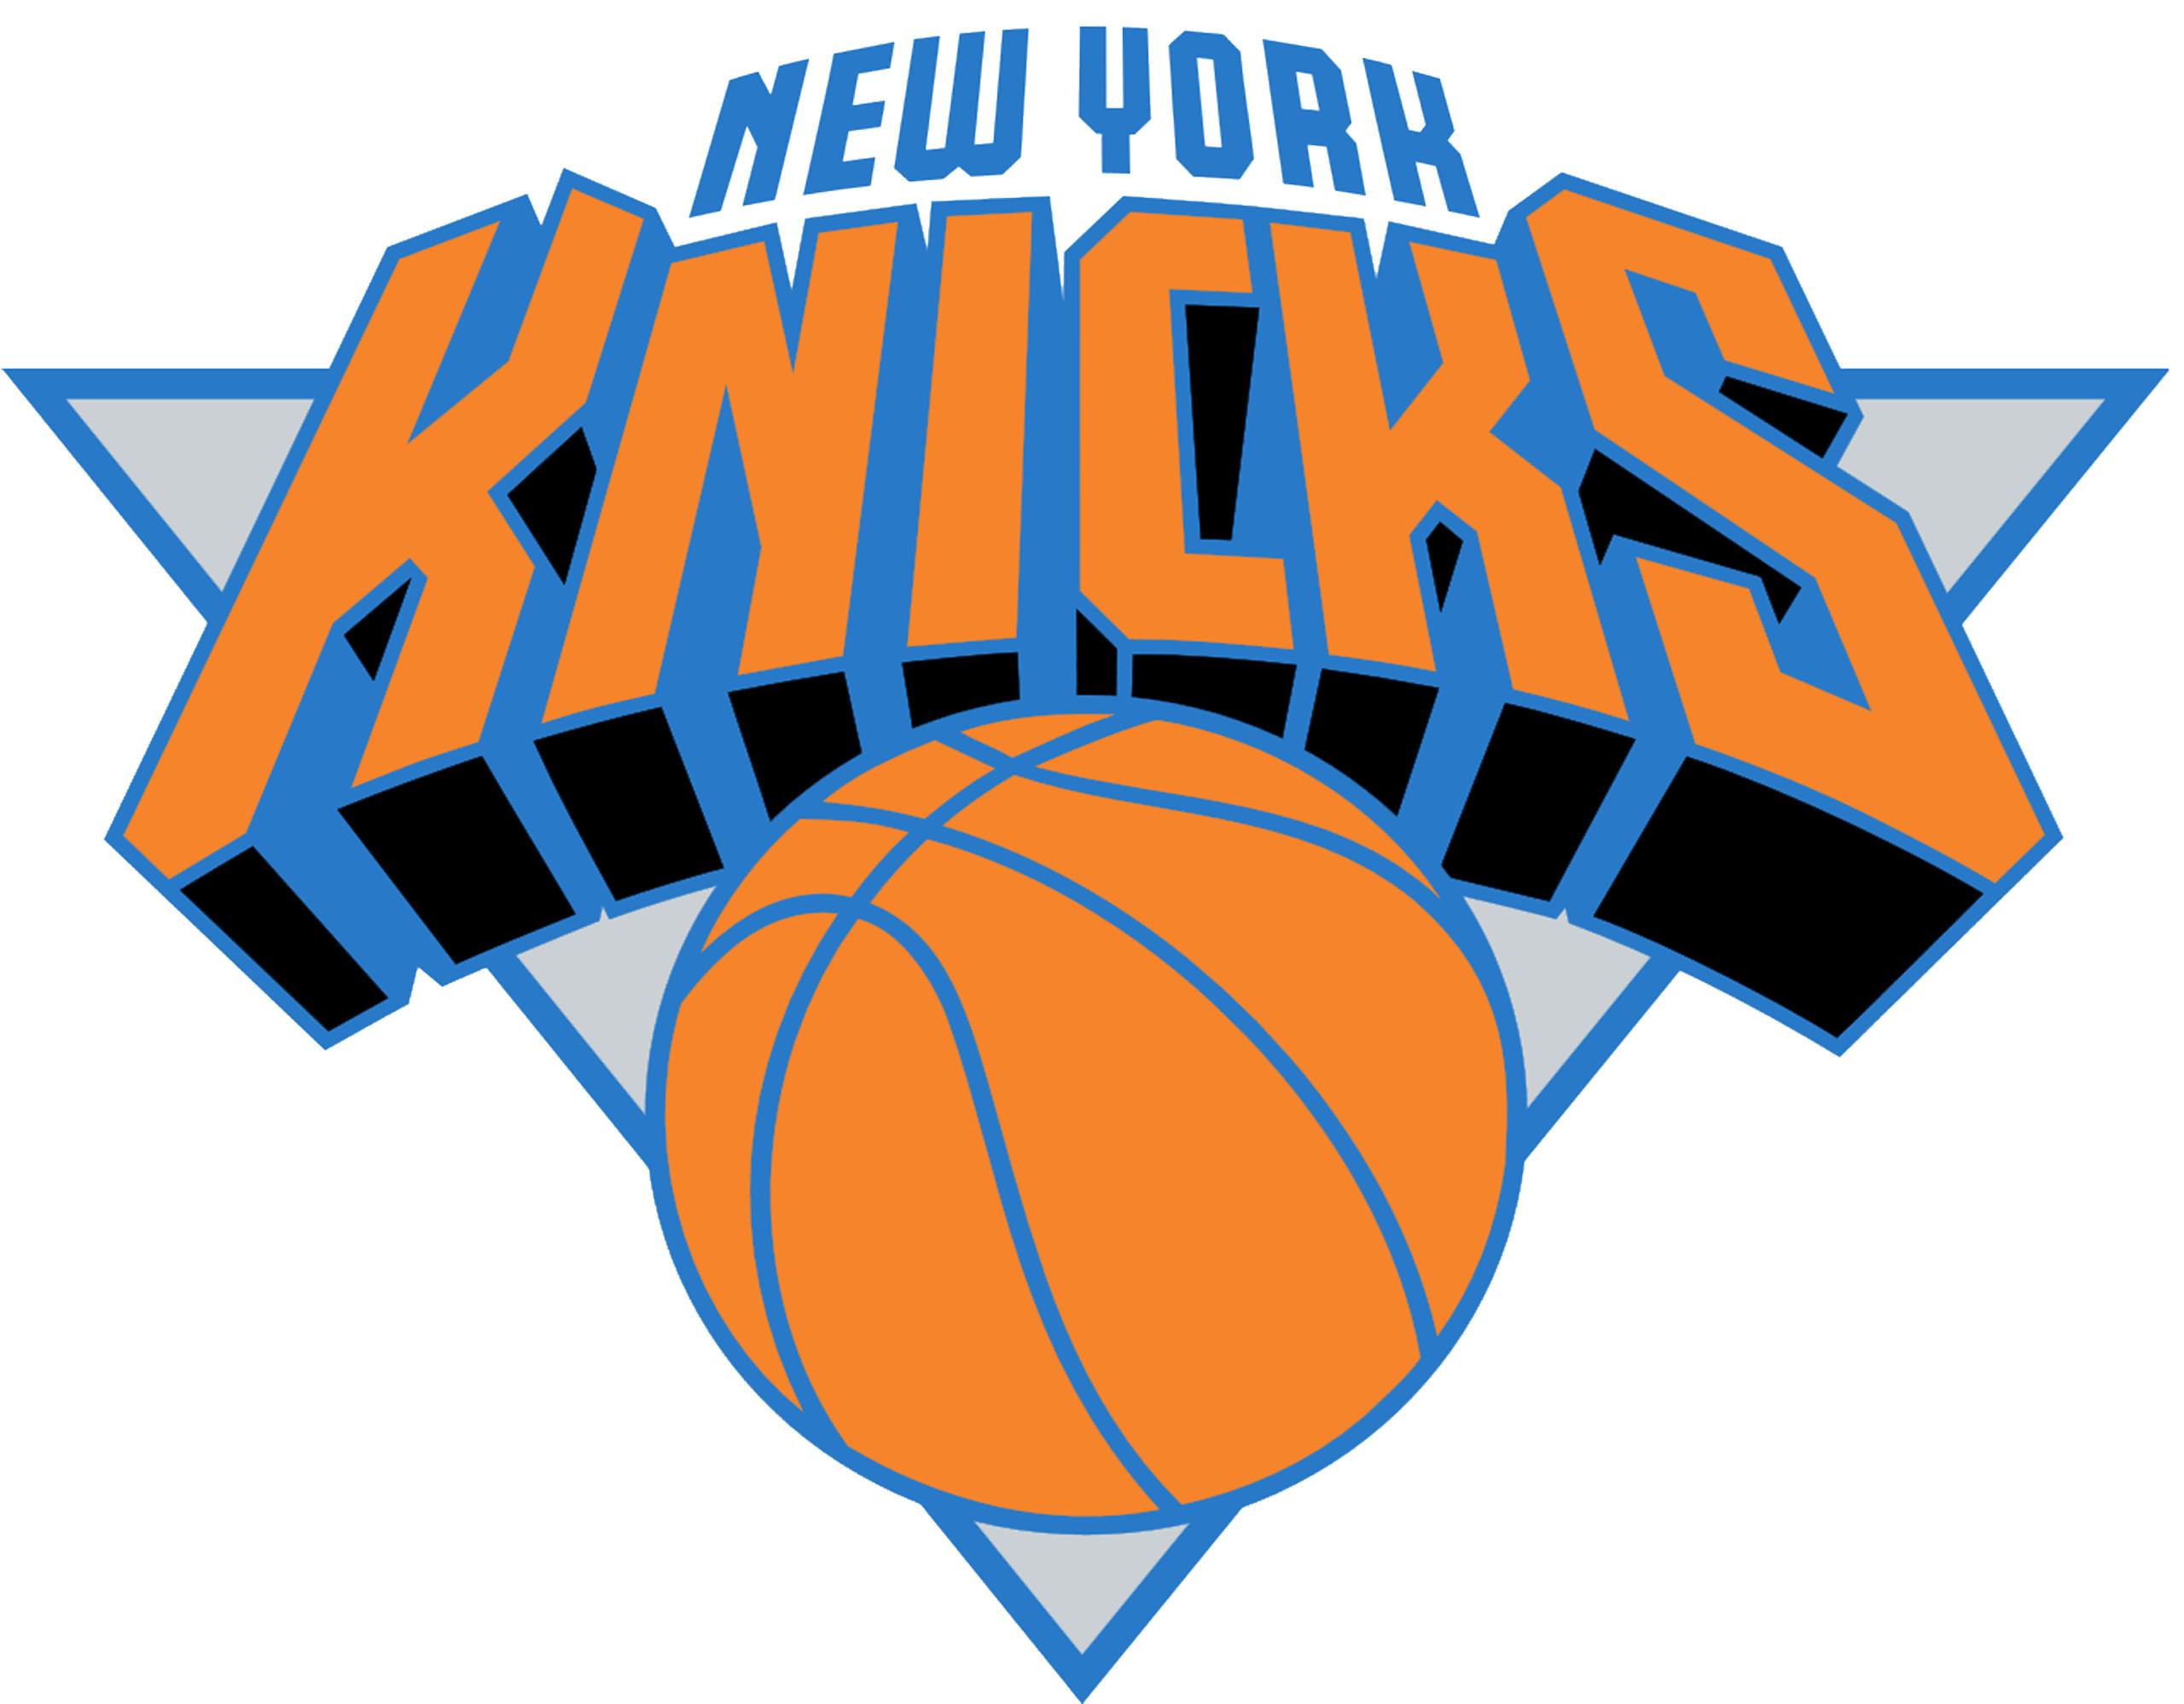 NEW YORK KNICKS Basketball Nba logo wallpaper over white